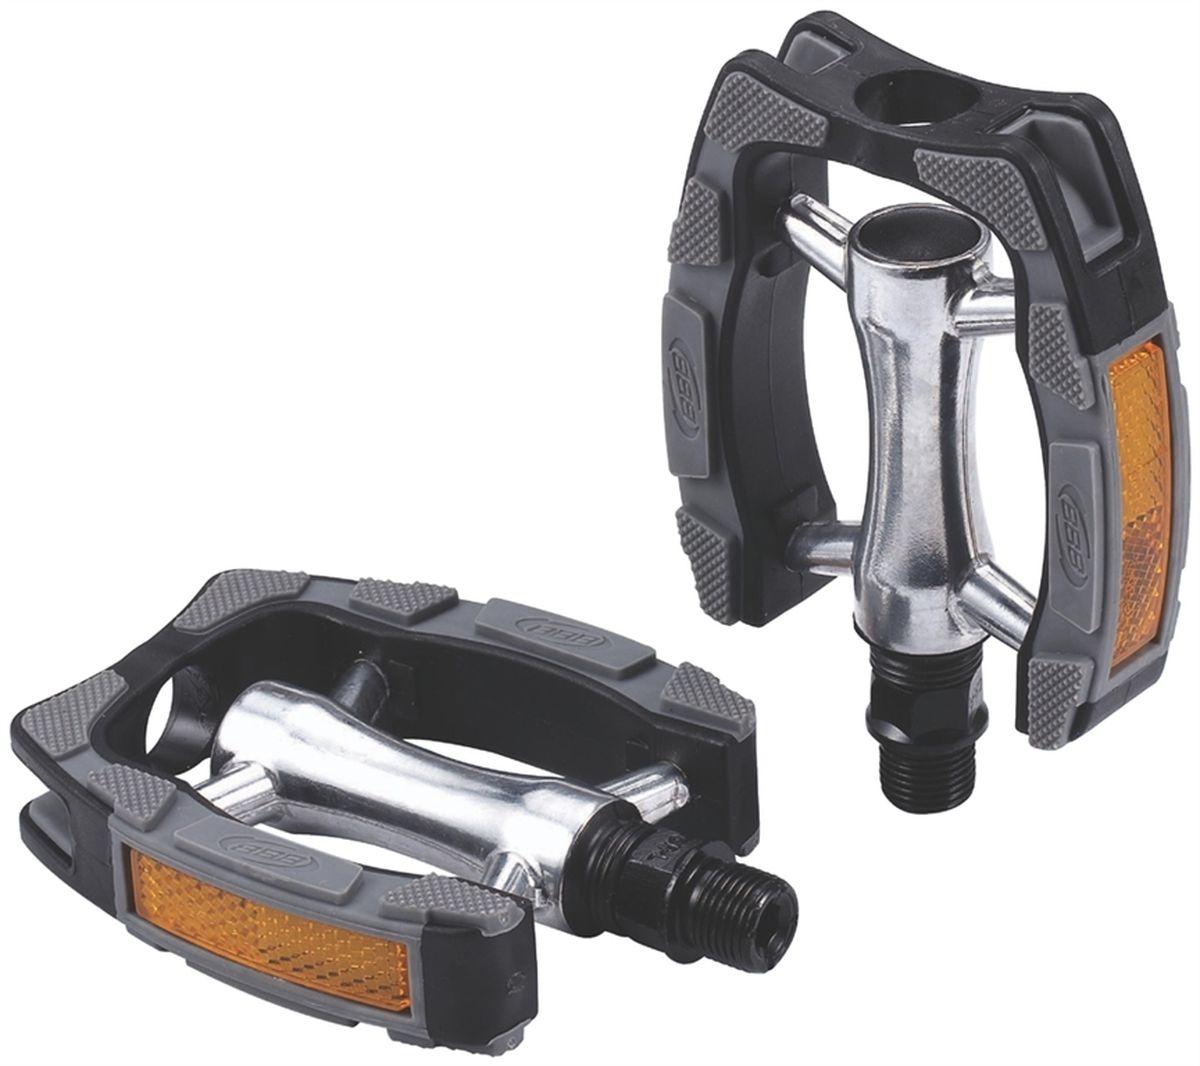 Педали BBB Trekking ComfortRider, цвет: черный, 2 штBPD-29Высокопрочные цельные педали с корпусом из алюминия. Рамка из композитного материала. Встроенные светоотражатели для безопасности. Прочная ось CrMO. Противоскользящее резиновое покрытие сверху и снизу.